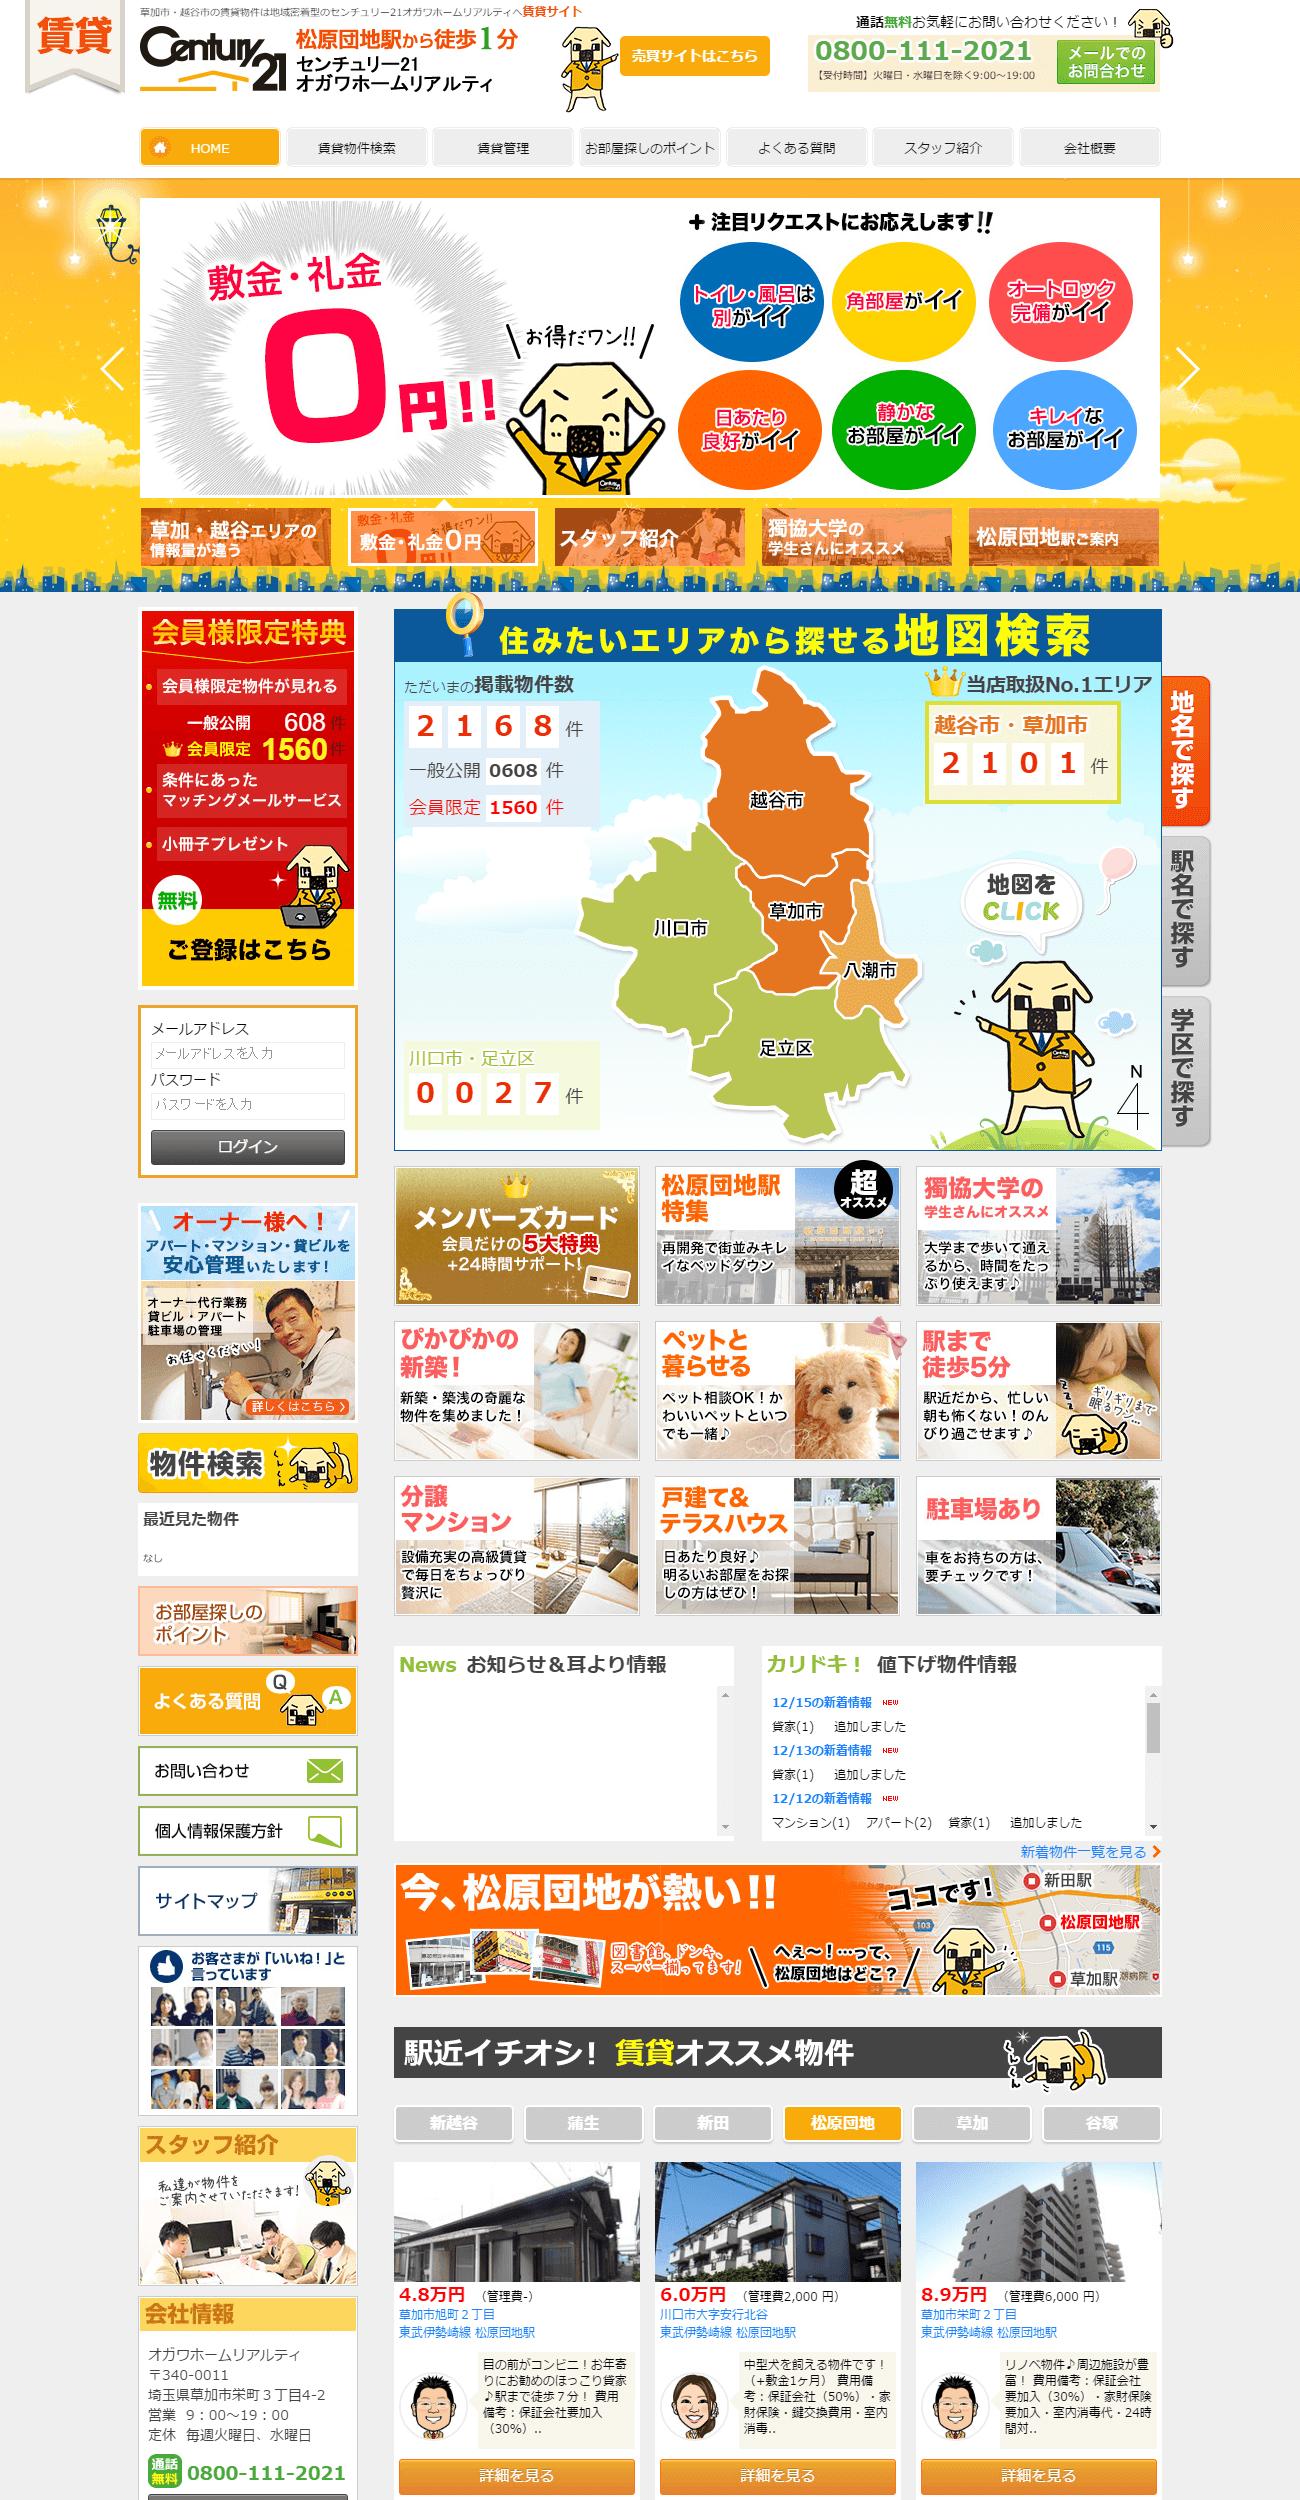 センチュリー21オガワホームリアルティ様(賃貸)